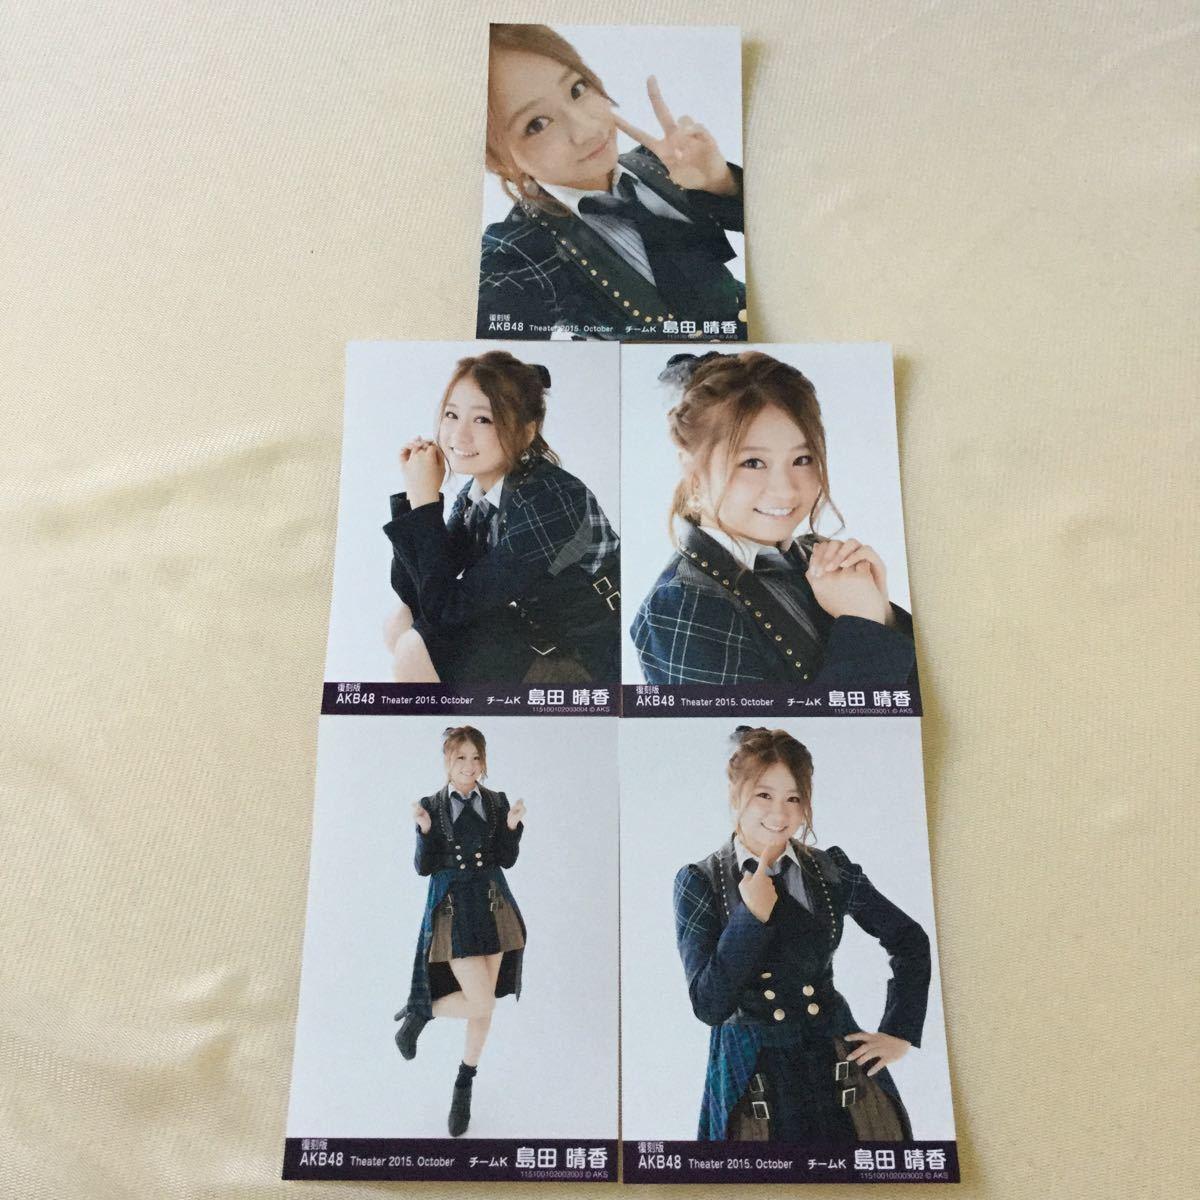 即決 希少 AKB48 2015年 10月 福袋当選品 月別復刻 5枚コンプ 共通入り 島田晴香_画像1